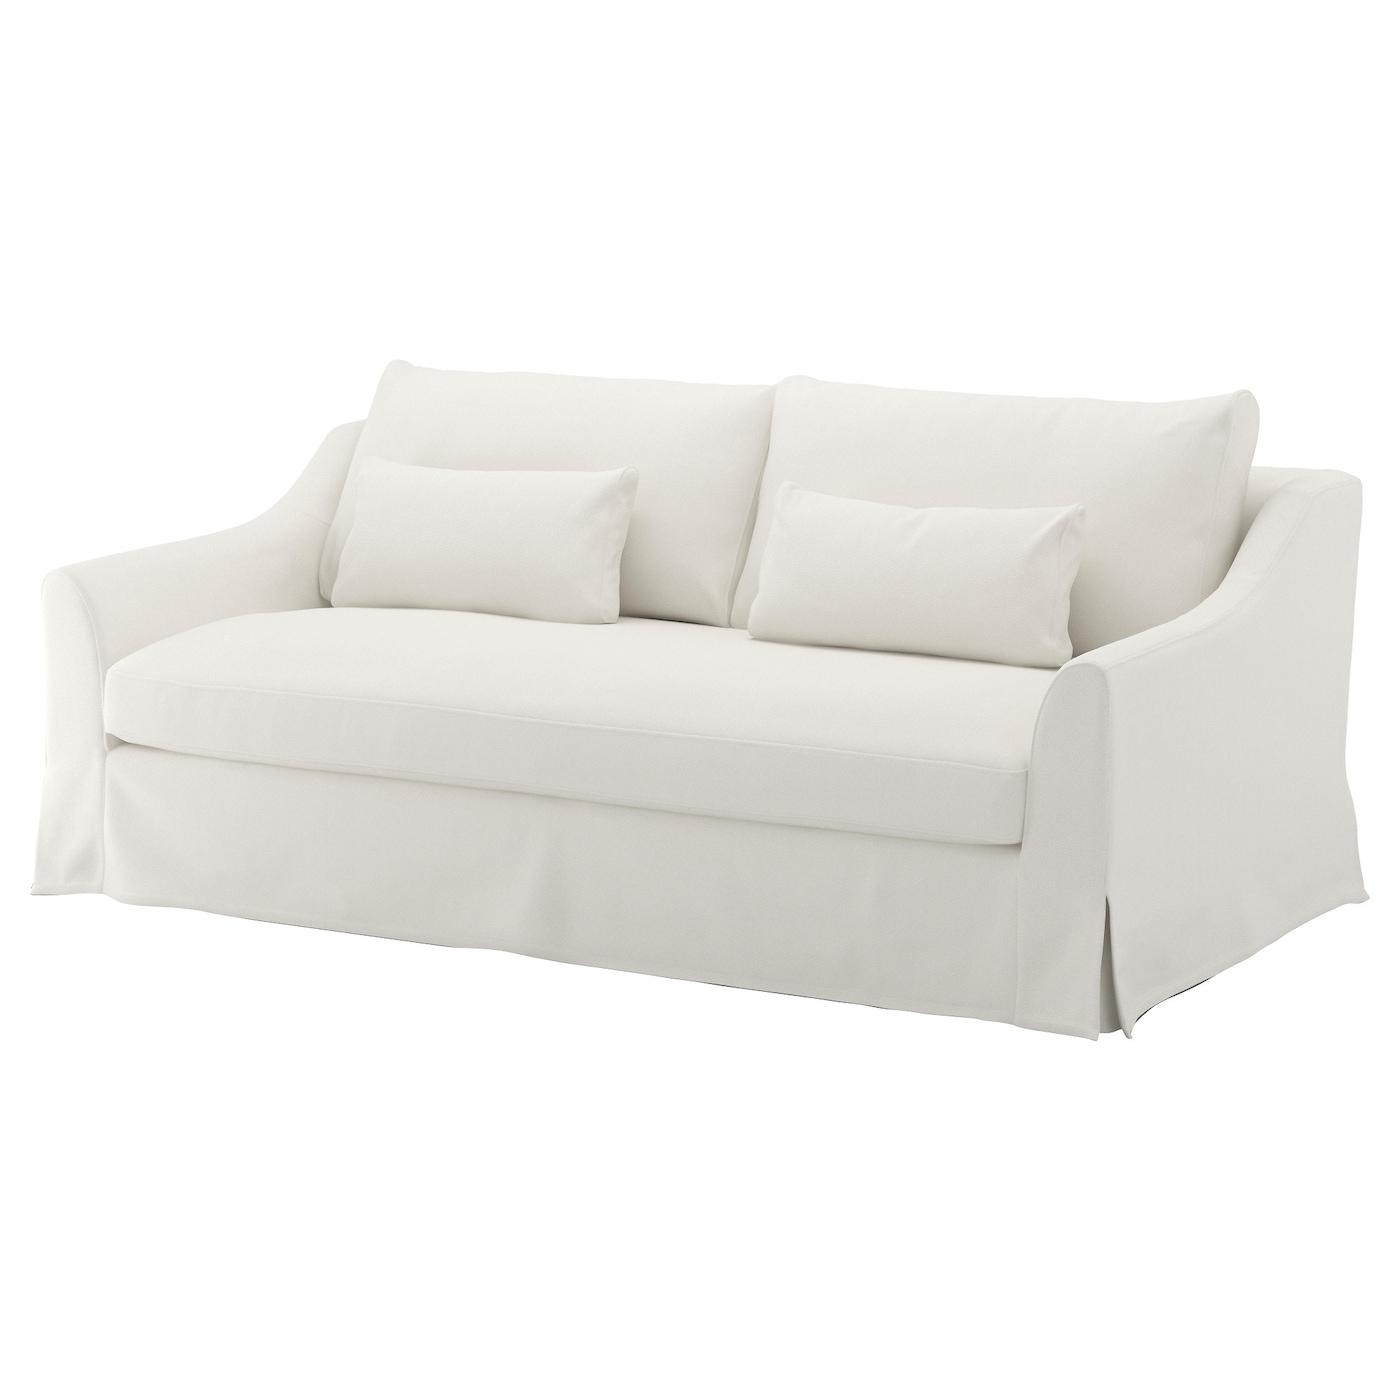 IKEA FÄRLÖV biała sofa trzyczęściowa